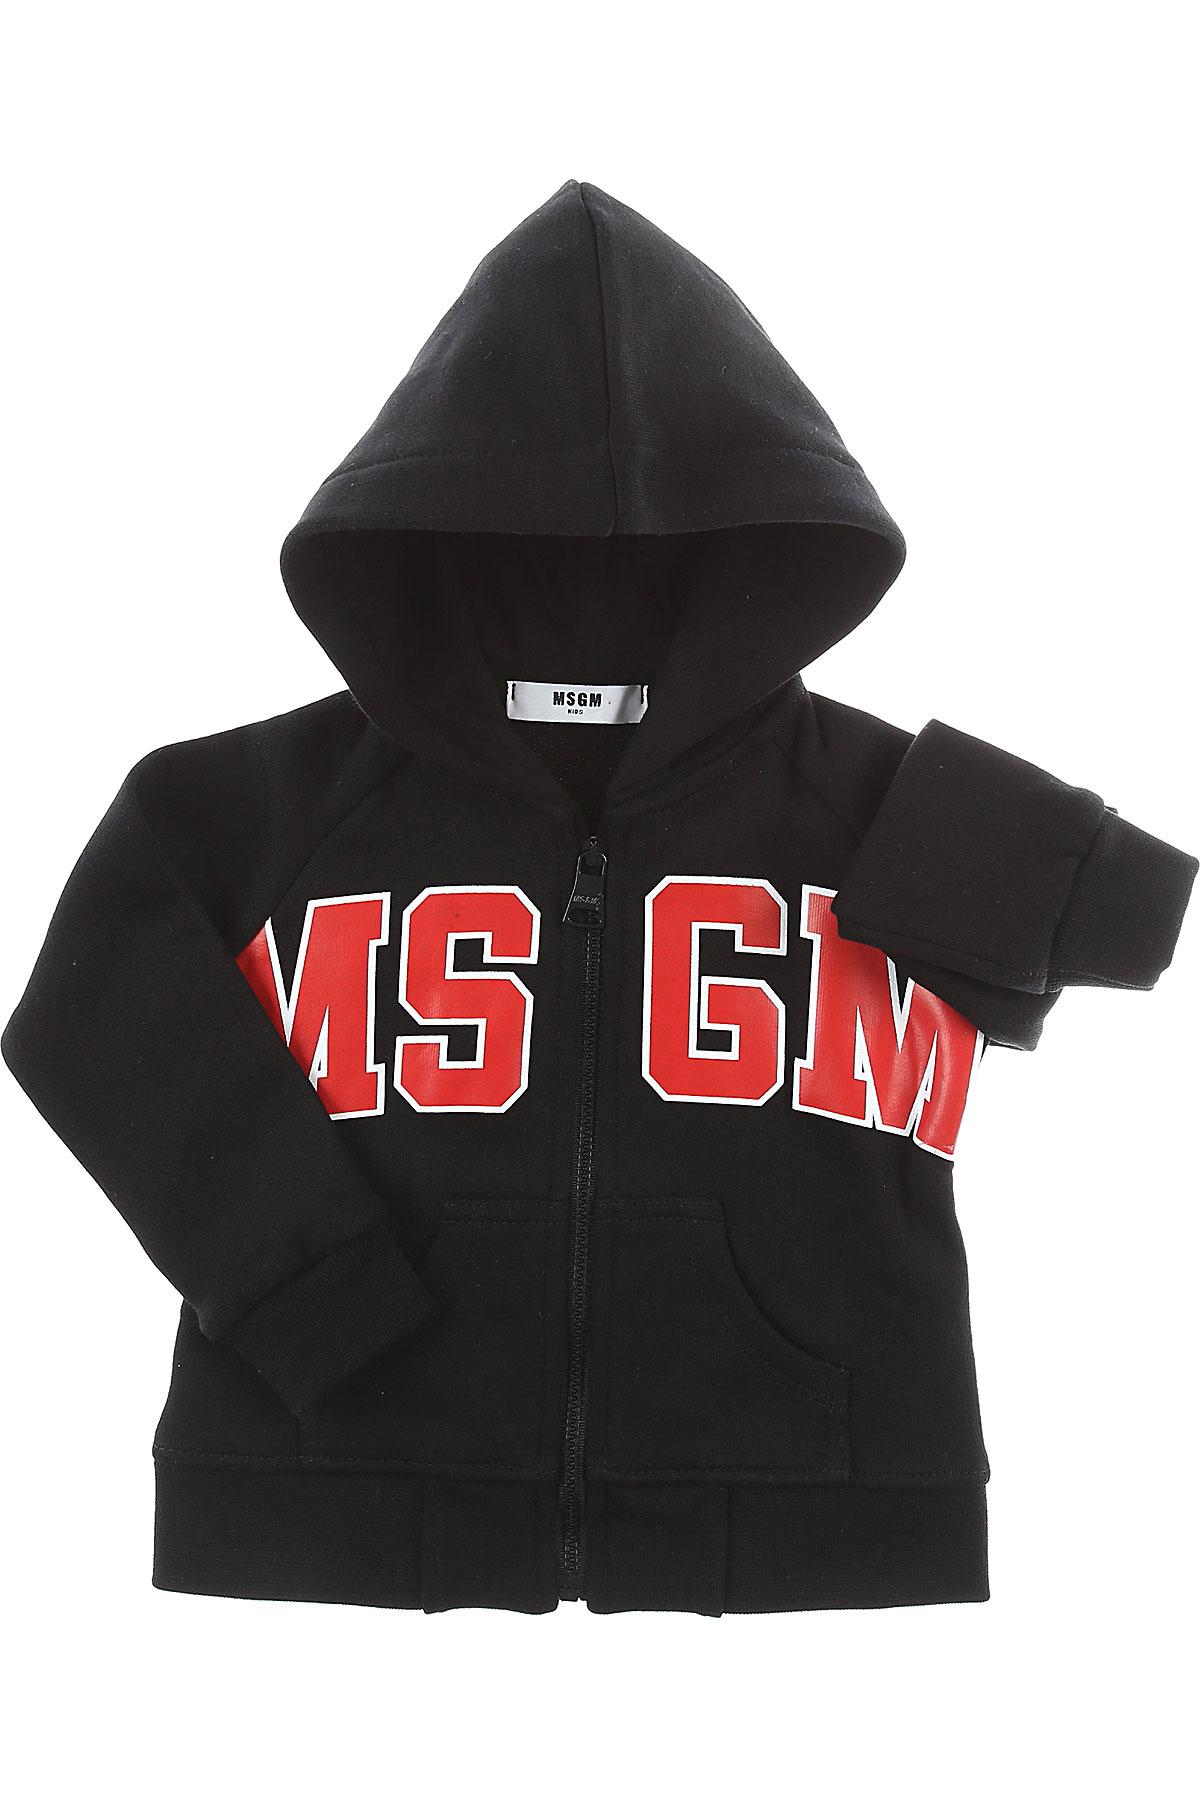 MSGM Baby Sweatshirts & Hoodies for Boys On Sale, Black, Cotton, 2017, 12M 18M 2Y 9M